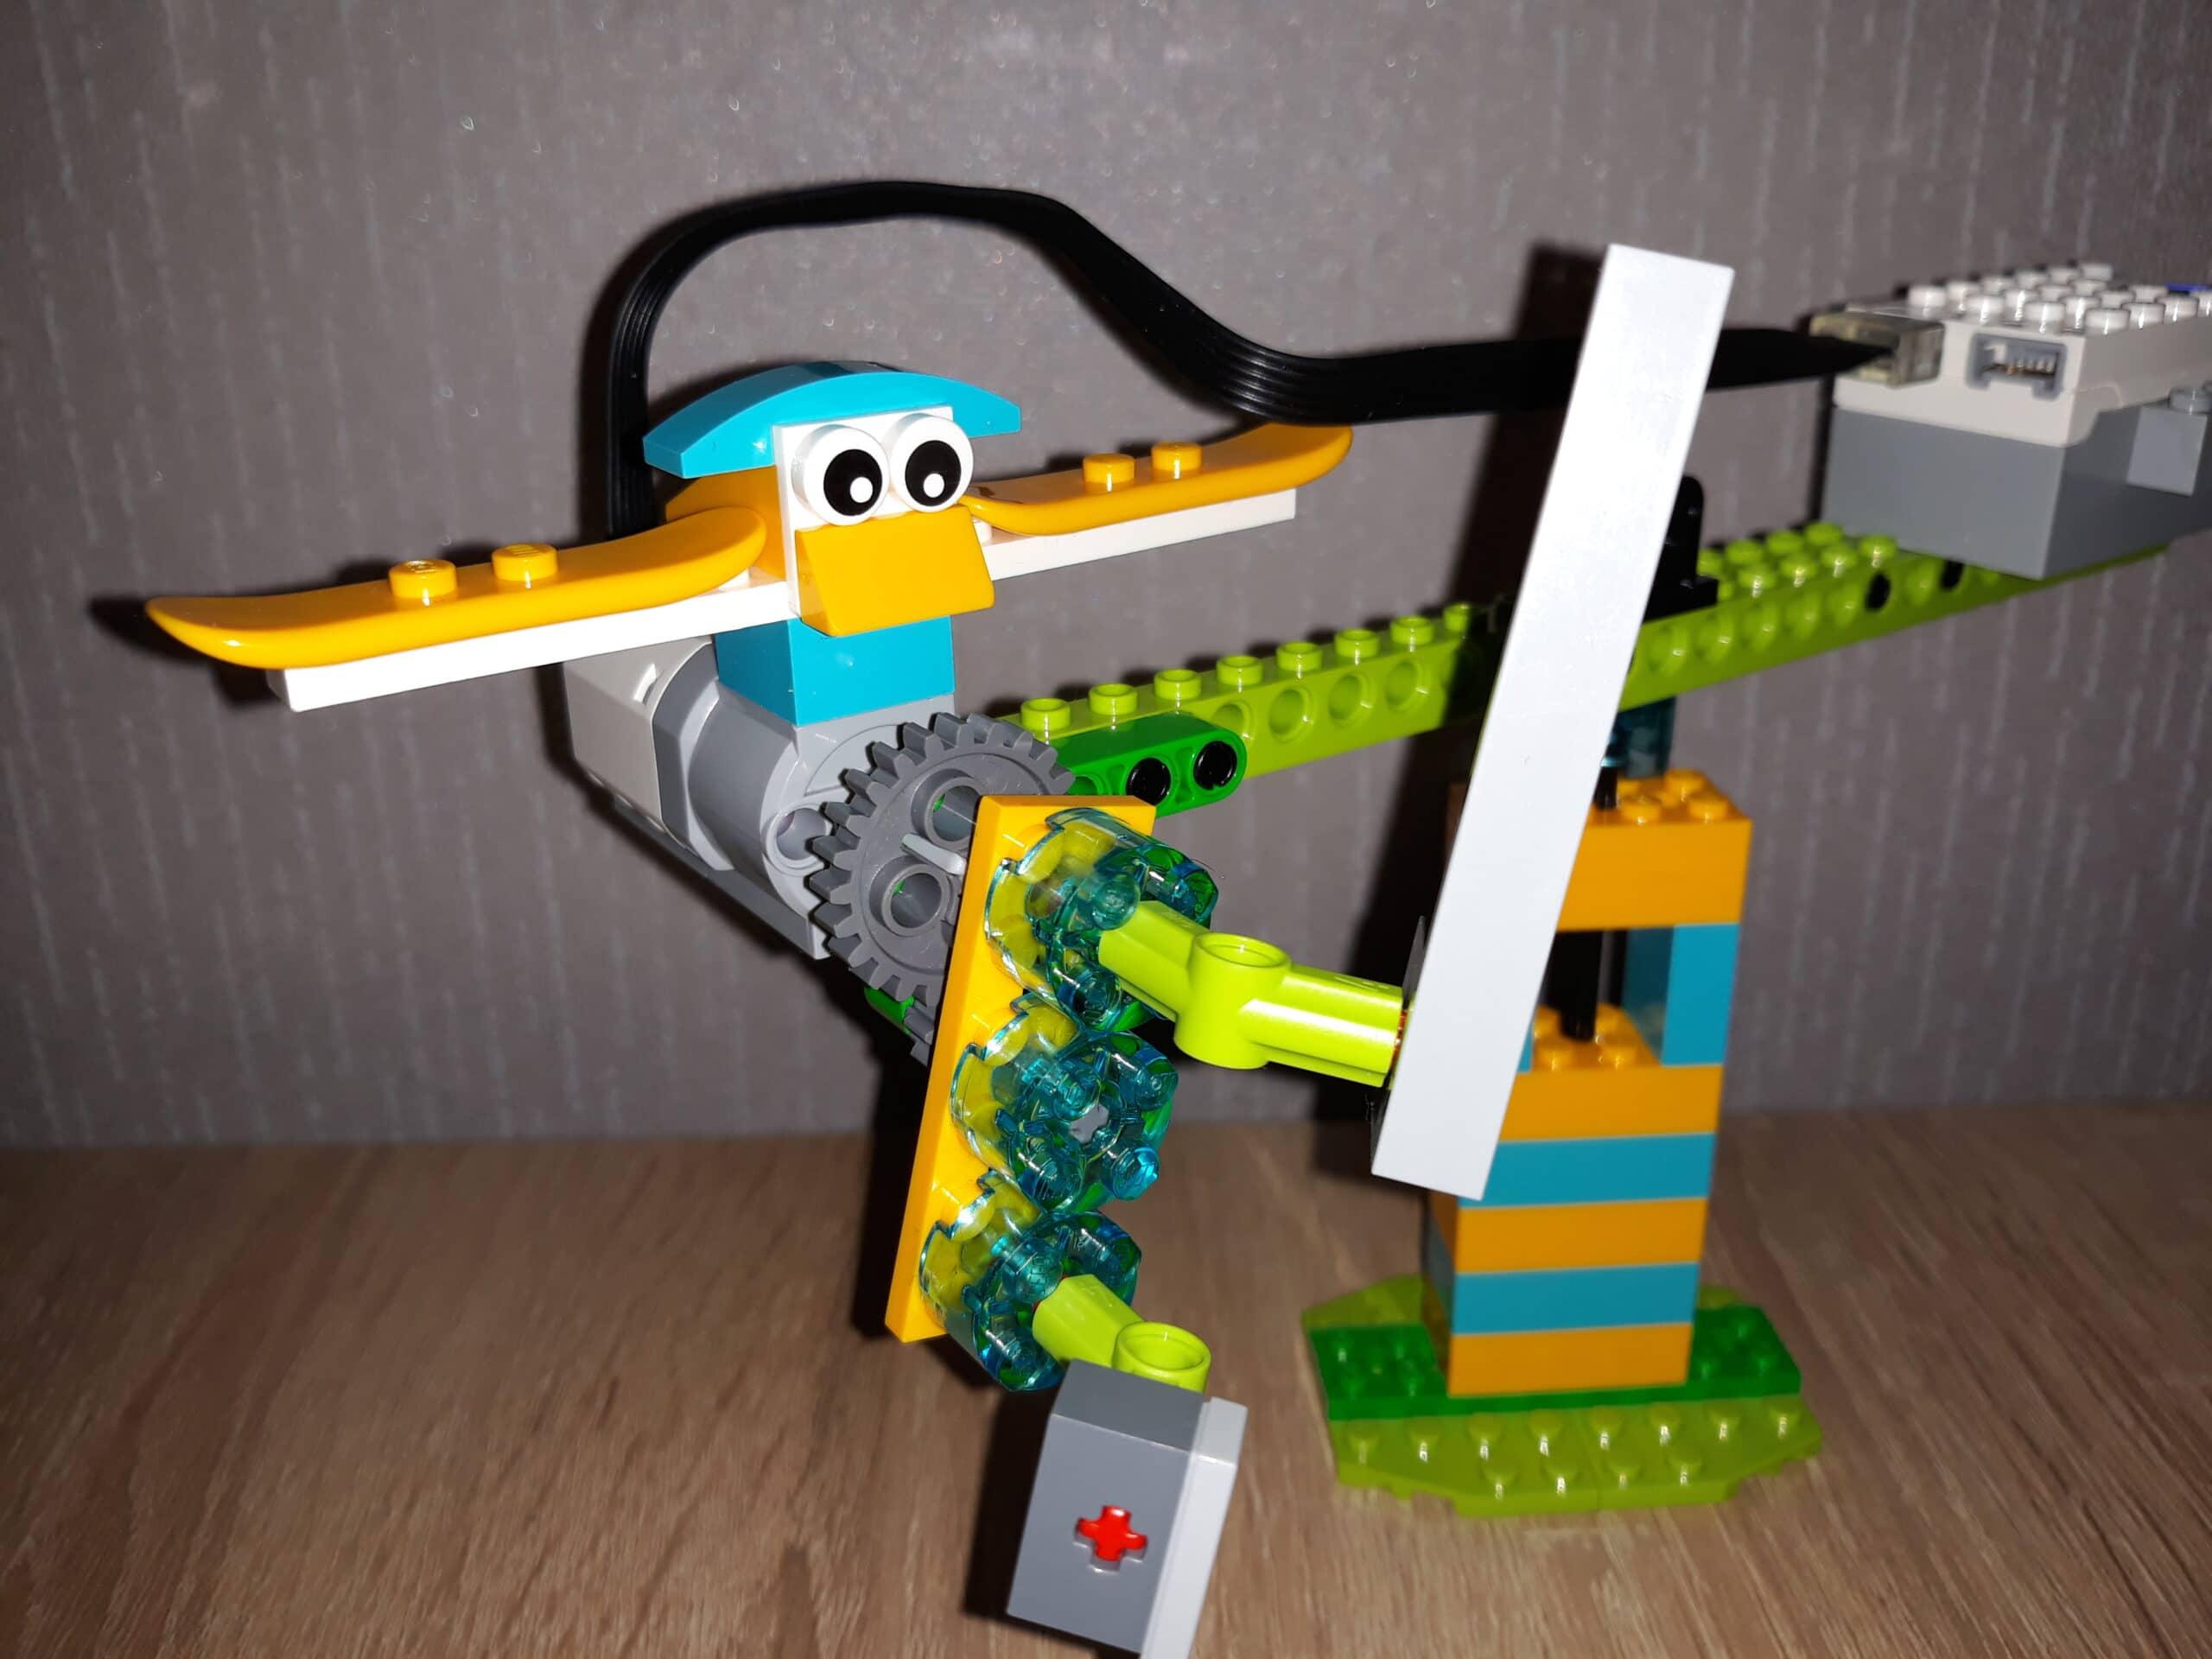 Инструкция по сборке из набора LEGO Education WeDo 2.0 Пилот